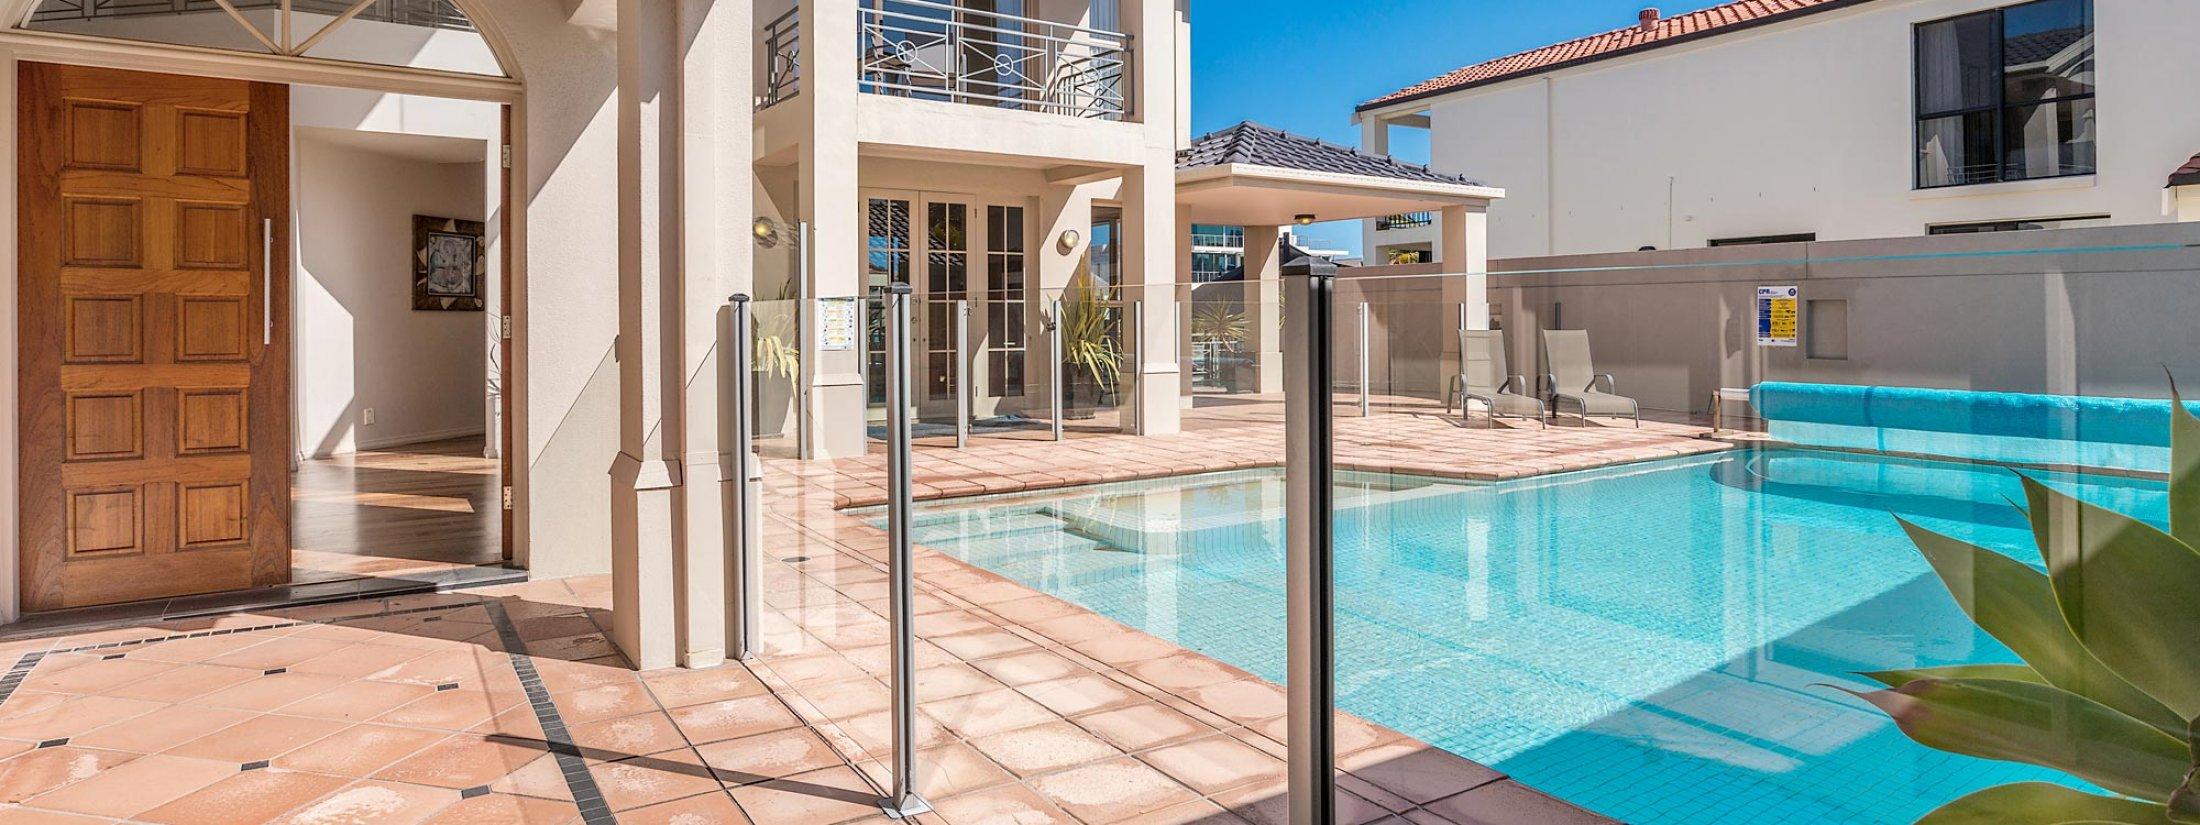 Casa Aqua - Gold Coast – Outdoor Pool Area c